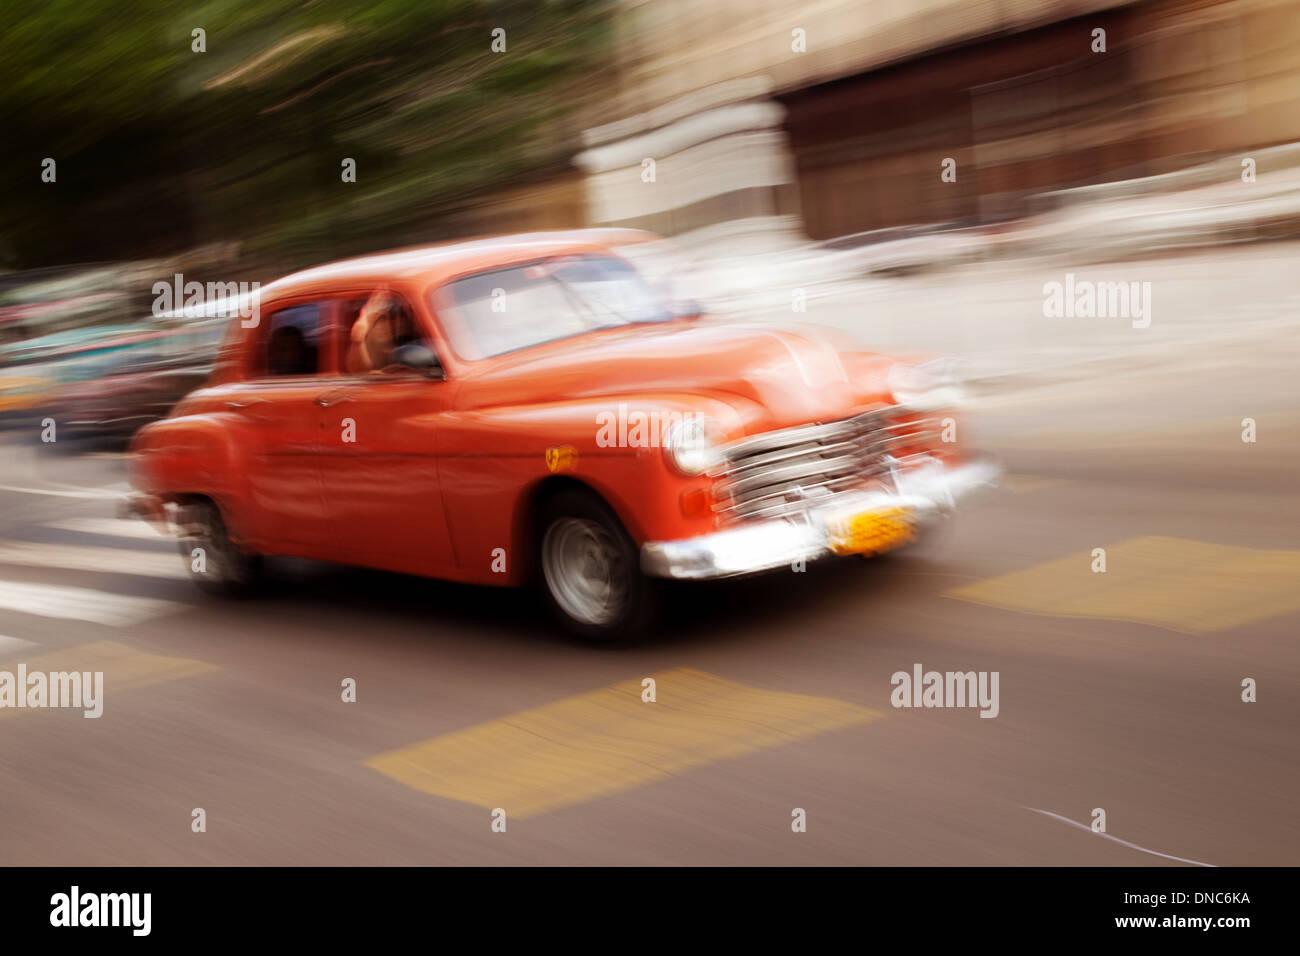 Amerikanische Oldtimer auf der Straße mit Motion blur, Havanna, Kuba, Karibik, Lateinamerika Stockbild